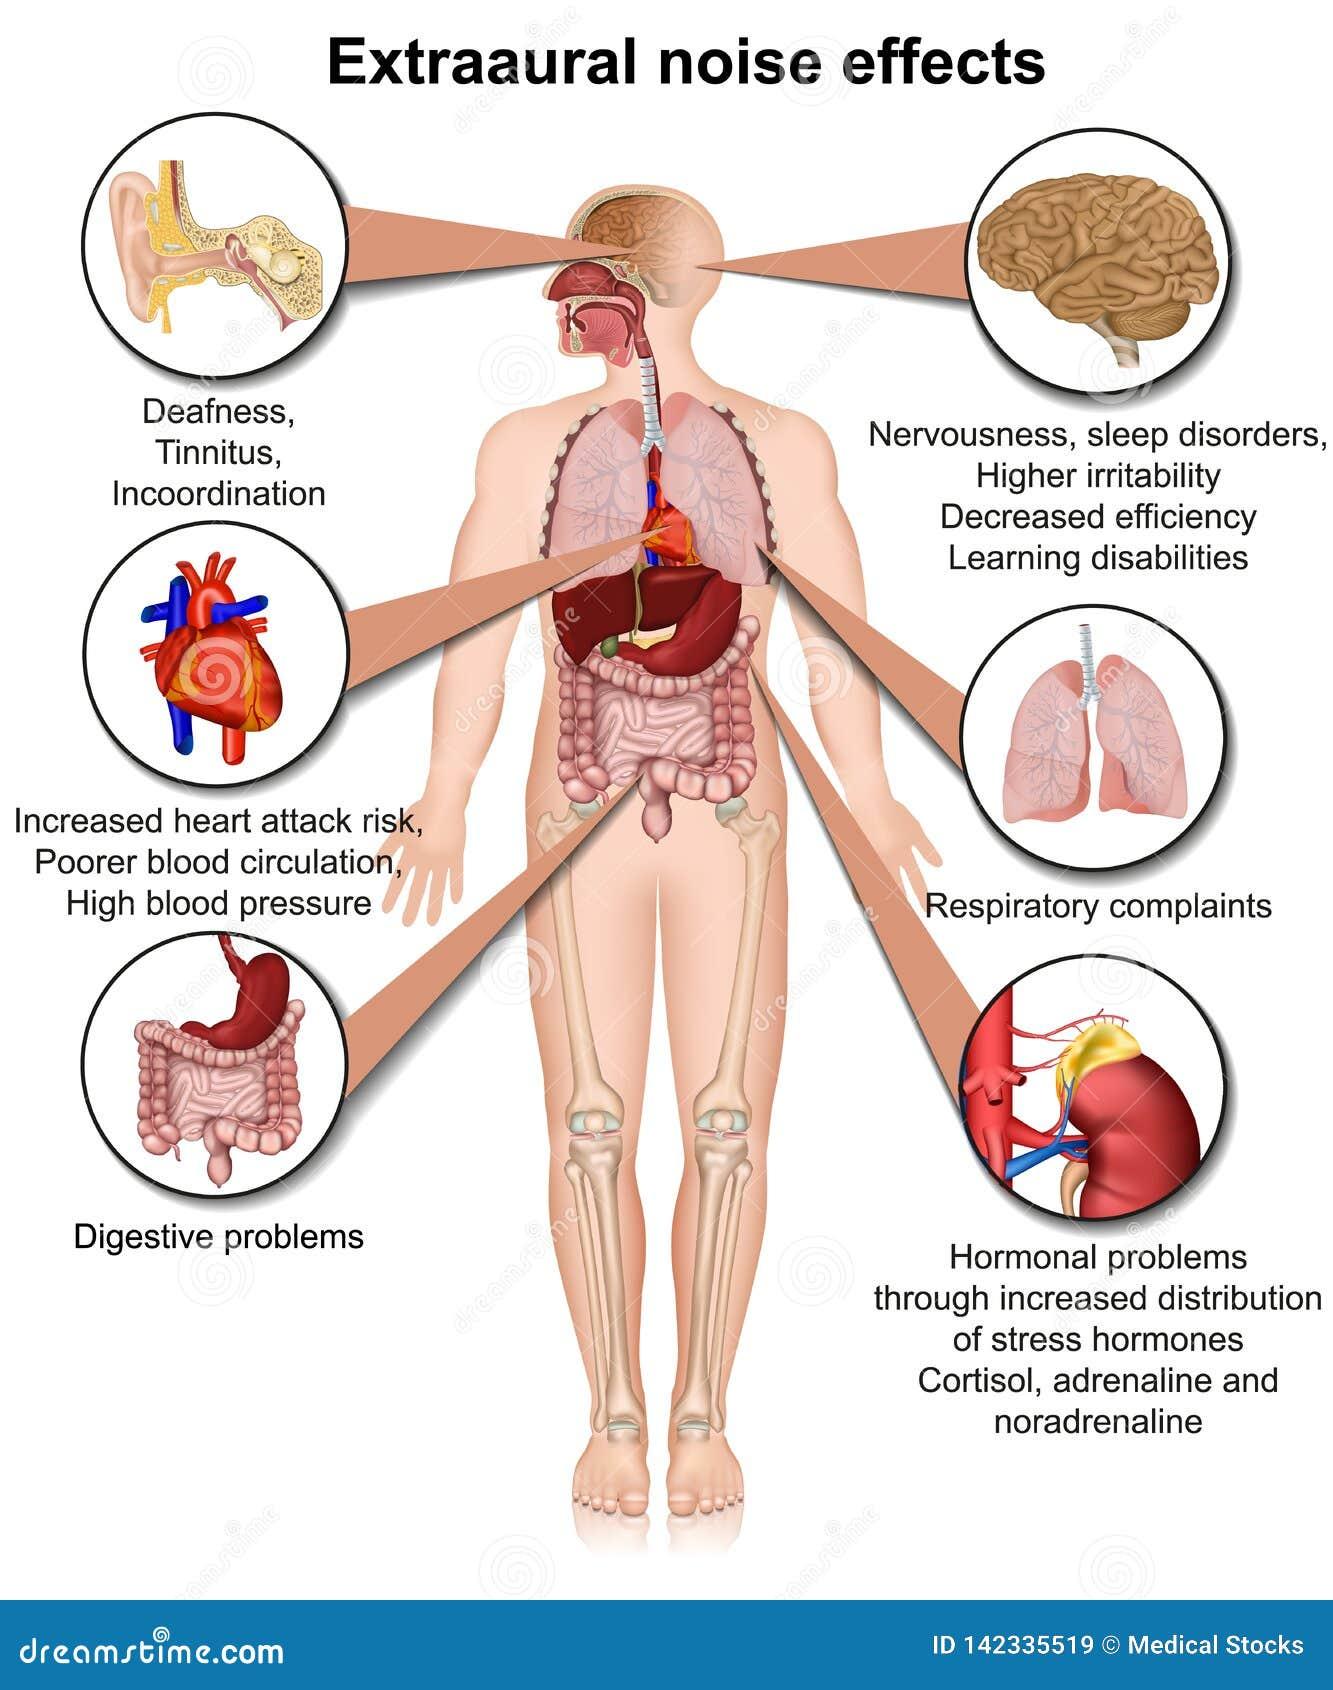 Effets sur la santé d Extraaural d illustration médicale chronique d exposition au bruit